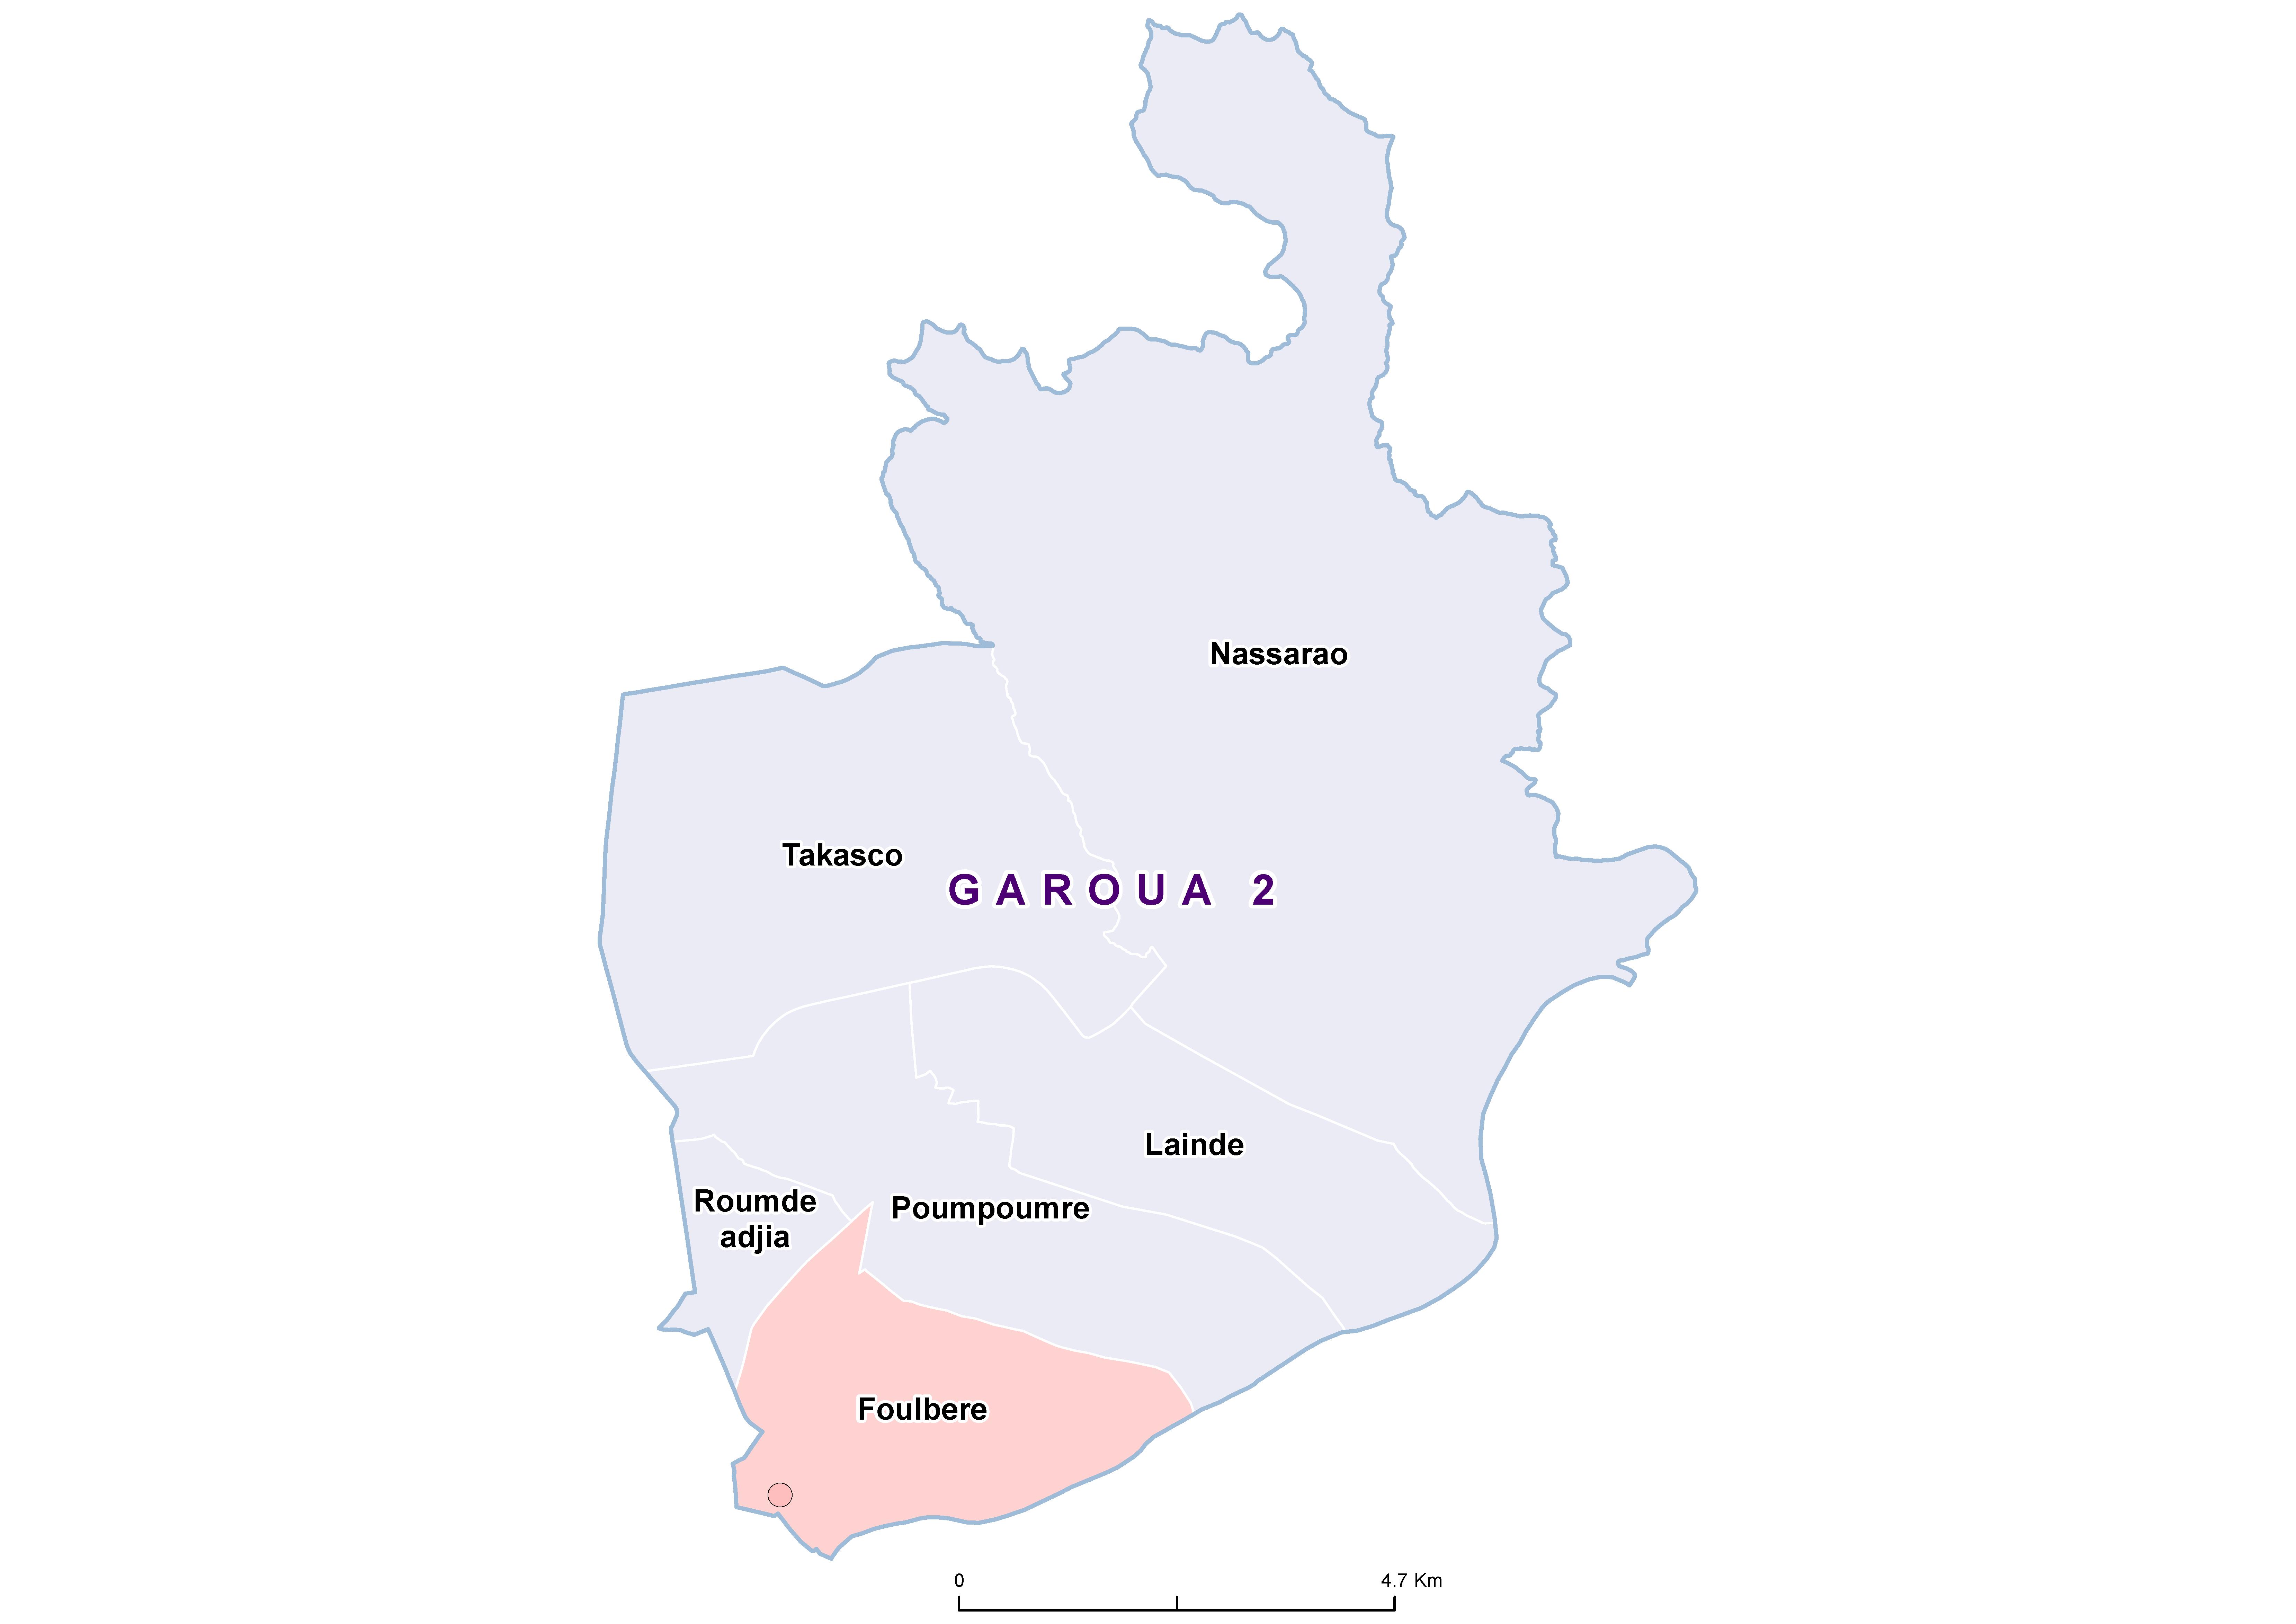 Garoua 2 STH 19850001